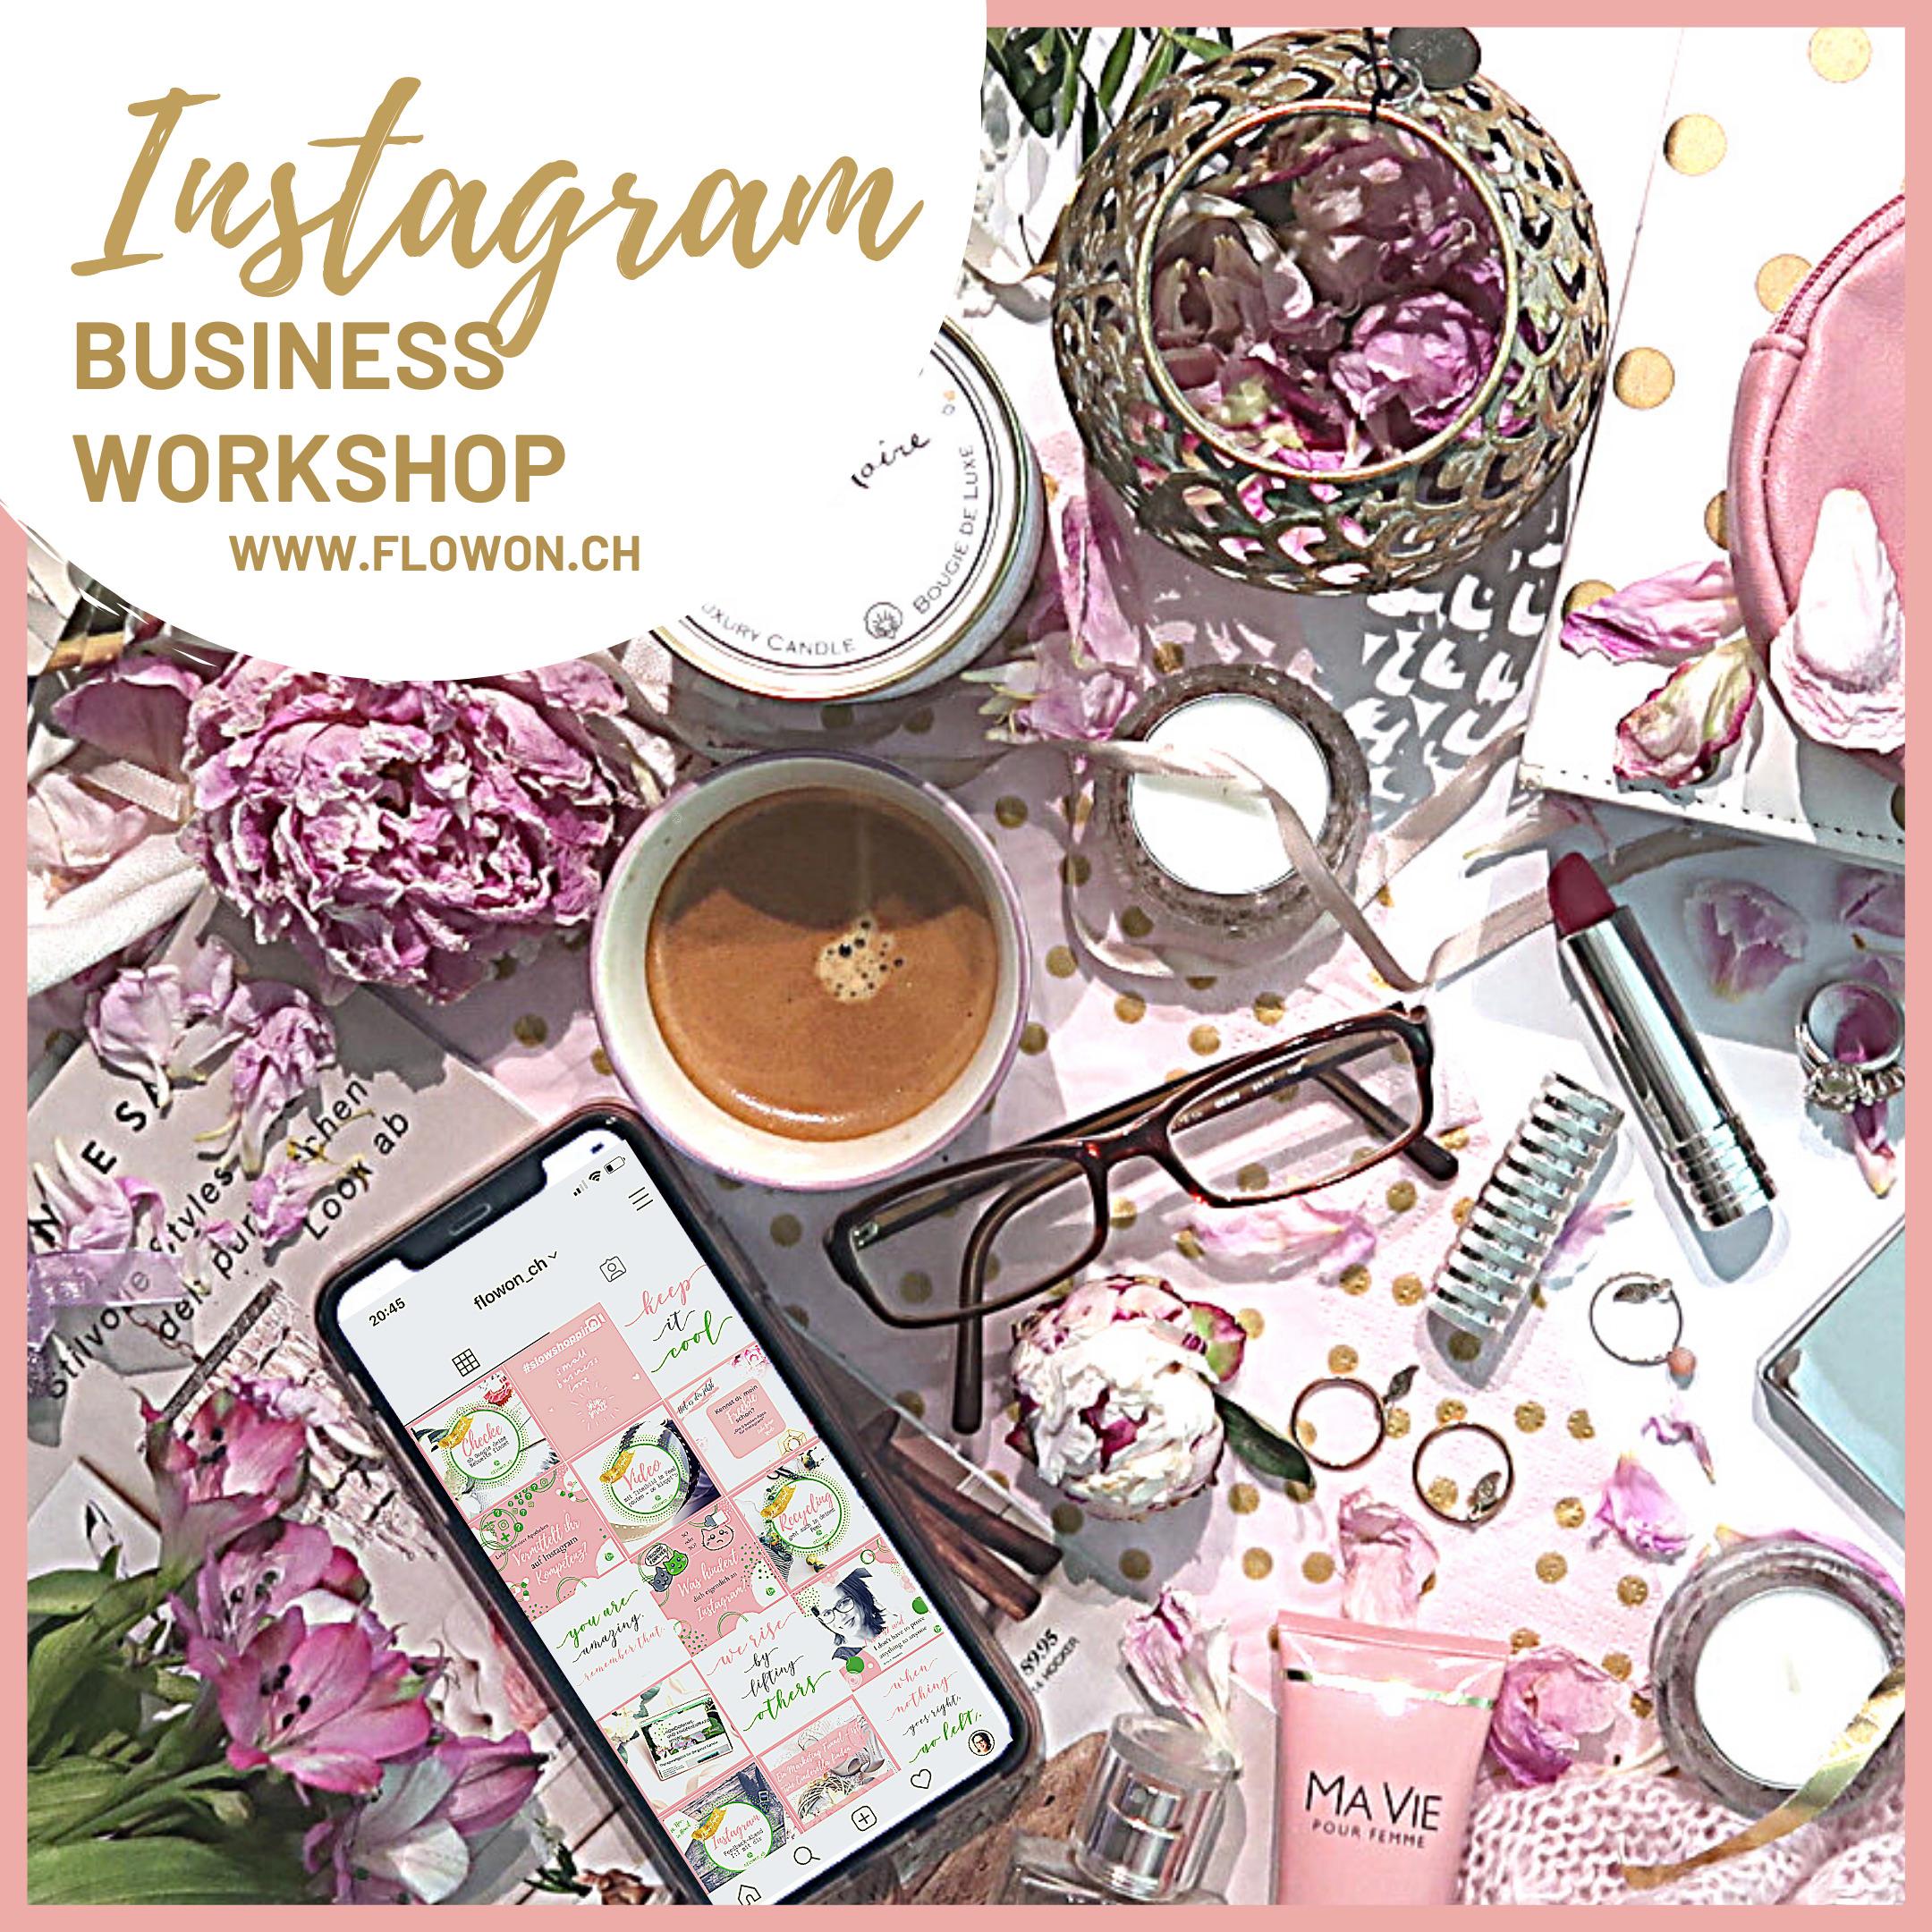 Instagram Workshop und Kurse für Dein Business in Hinwil bei Zürich mit Nicole Hossmann